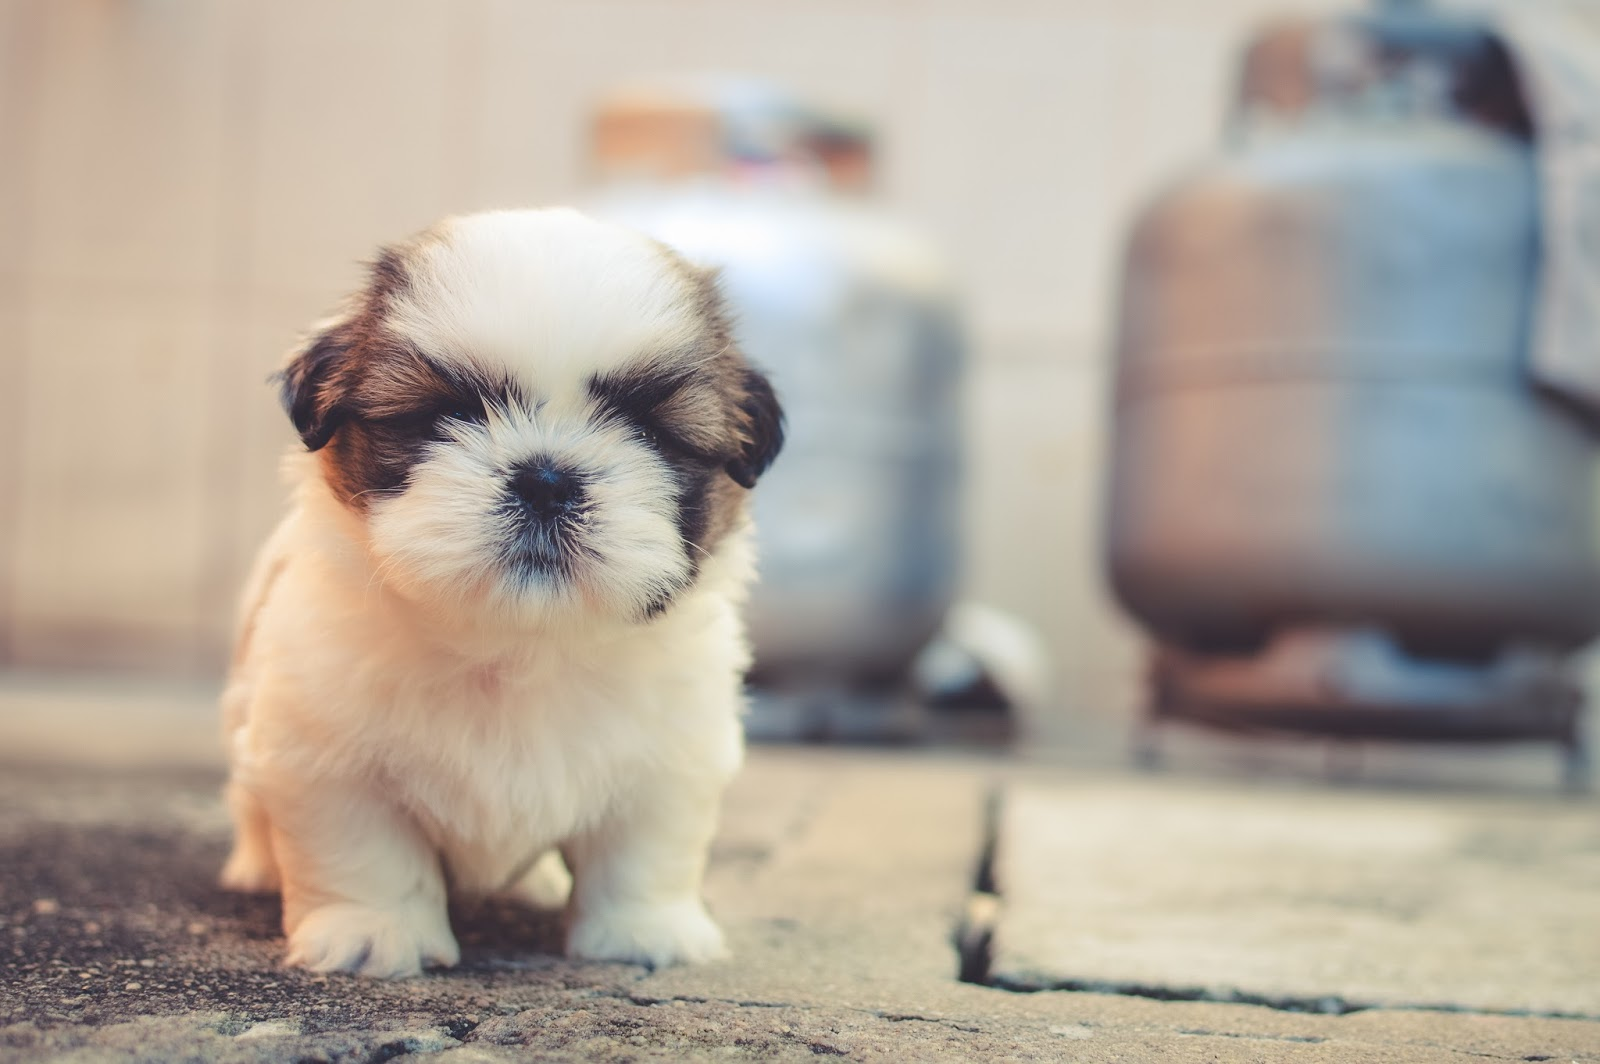 Daftar Harga Shih Tzu di Indonesia 201 Karakteristik dan kepribadian anjing Shih Tzu murni